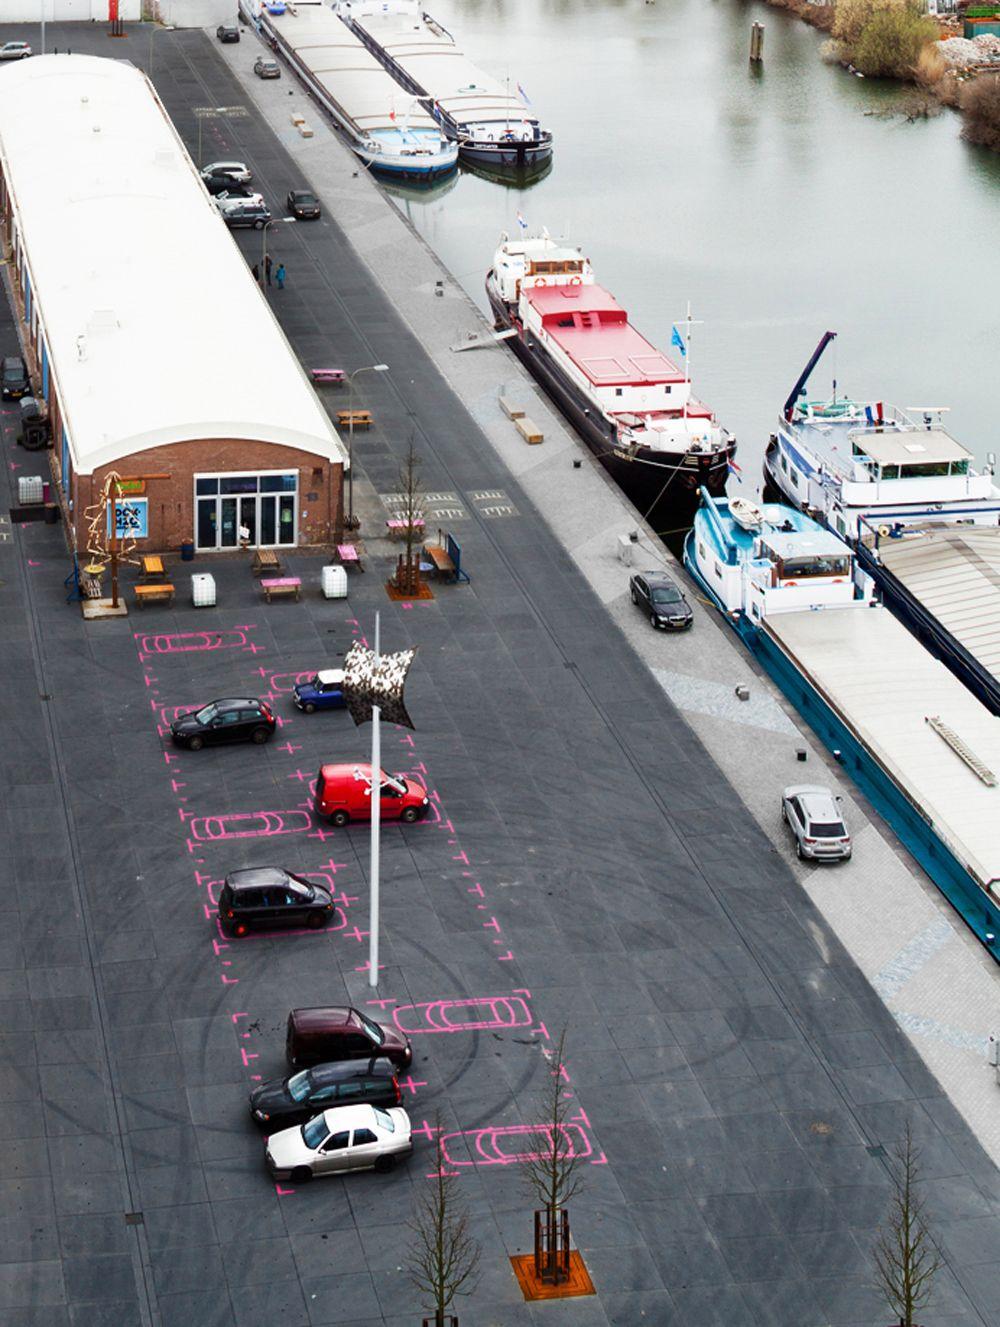 Het ontwerp van het nieuwe havenplein is afgerond en zal worden gebouwd in 2013. Bedekt met zwarte prefab betonplaten, roze geschilderde pictogrammen, hergebruikt bakstenen en een lappendeken van natuursteen langs de kade, straalt het plein pretentieloosheid met een flinke scheut plezier uit. Twee iconische roestvrij stalen verlichtingsarmaturen, die doen denken aan zeilen, verlichten het plein… Lees verder